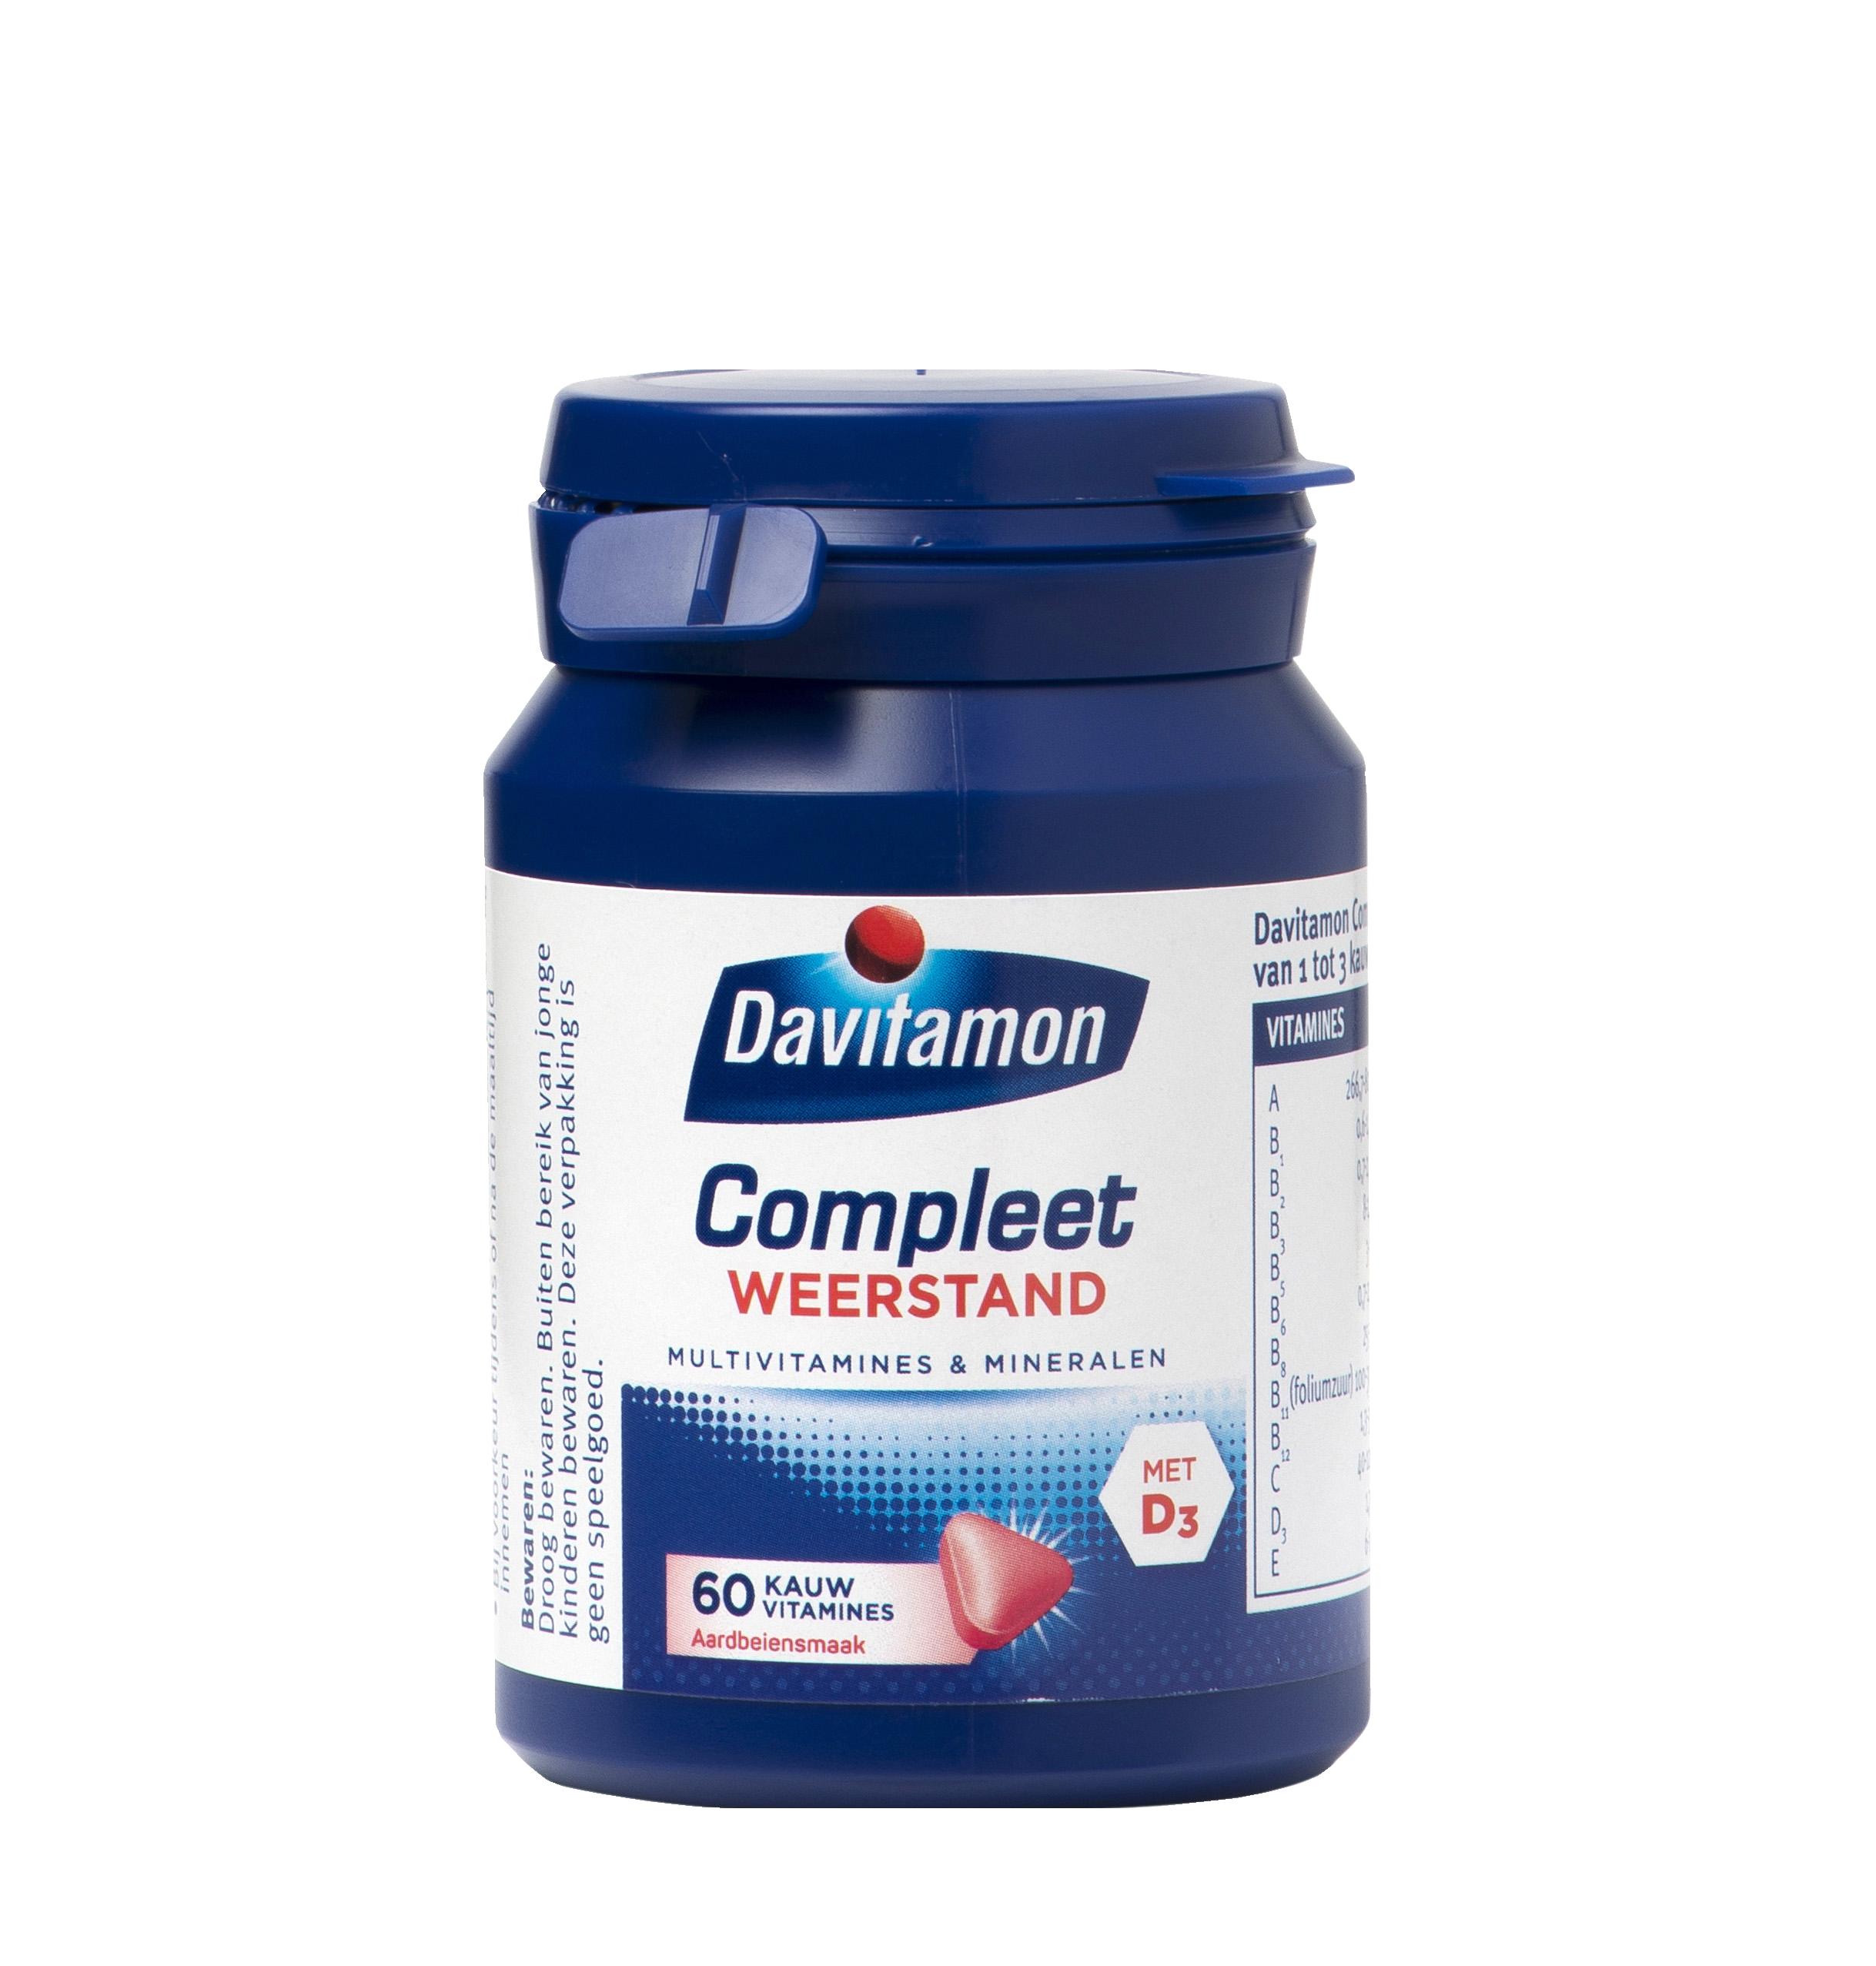 Davitamon Compleet Weerstand Aardbei Kauwvitamines Product